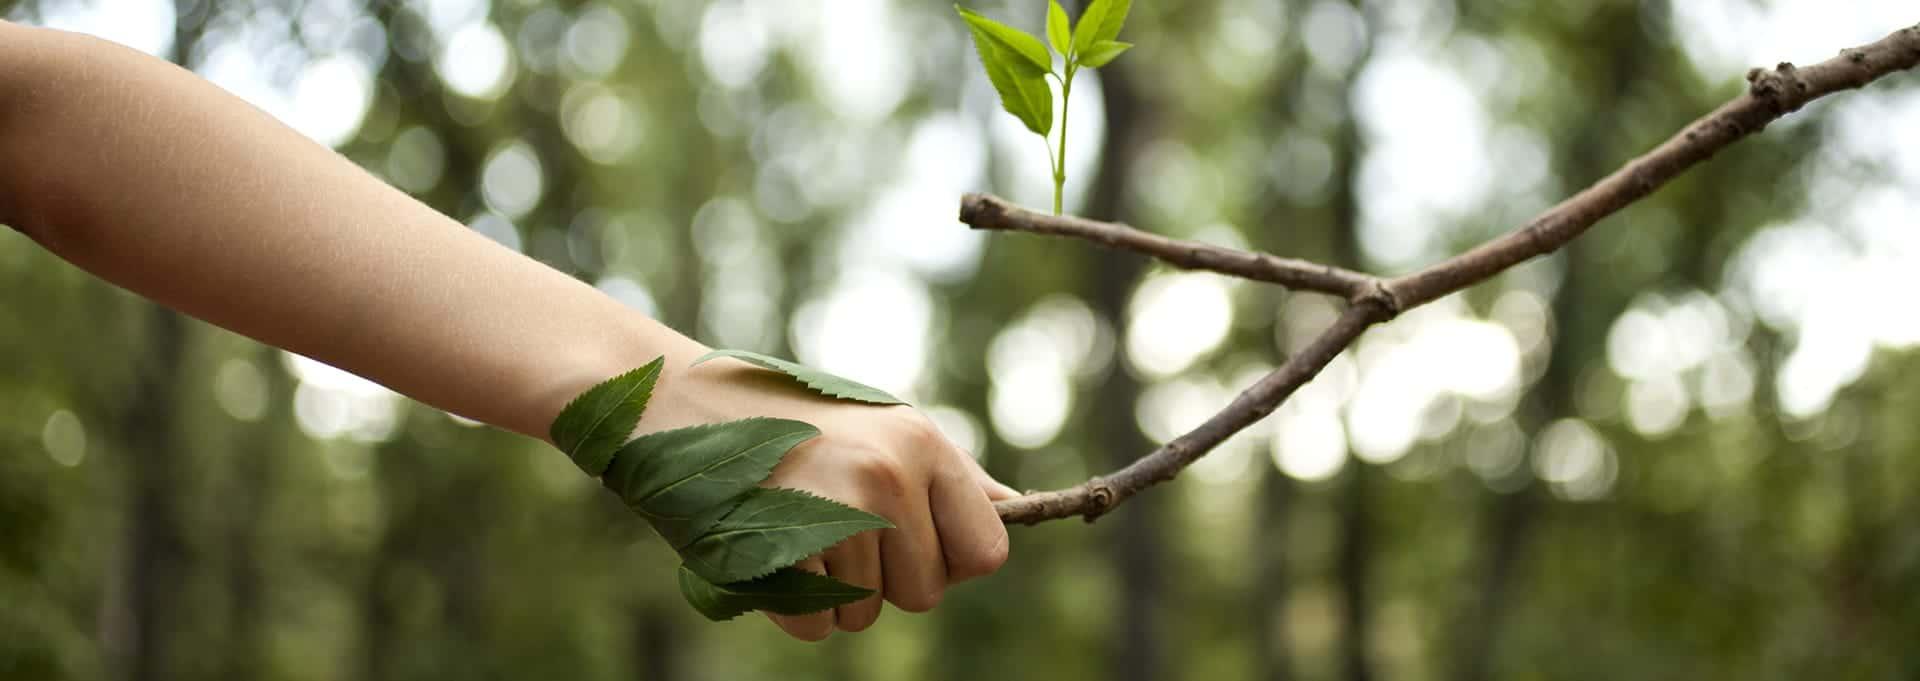 Mains - 10 Astuces pour prendre soin de ses mains cet hiver - Dermophil